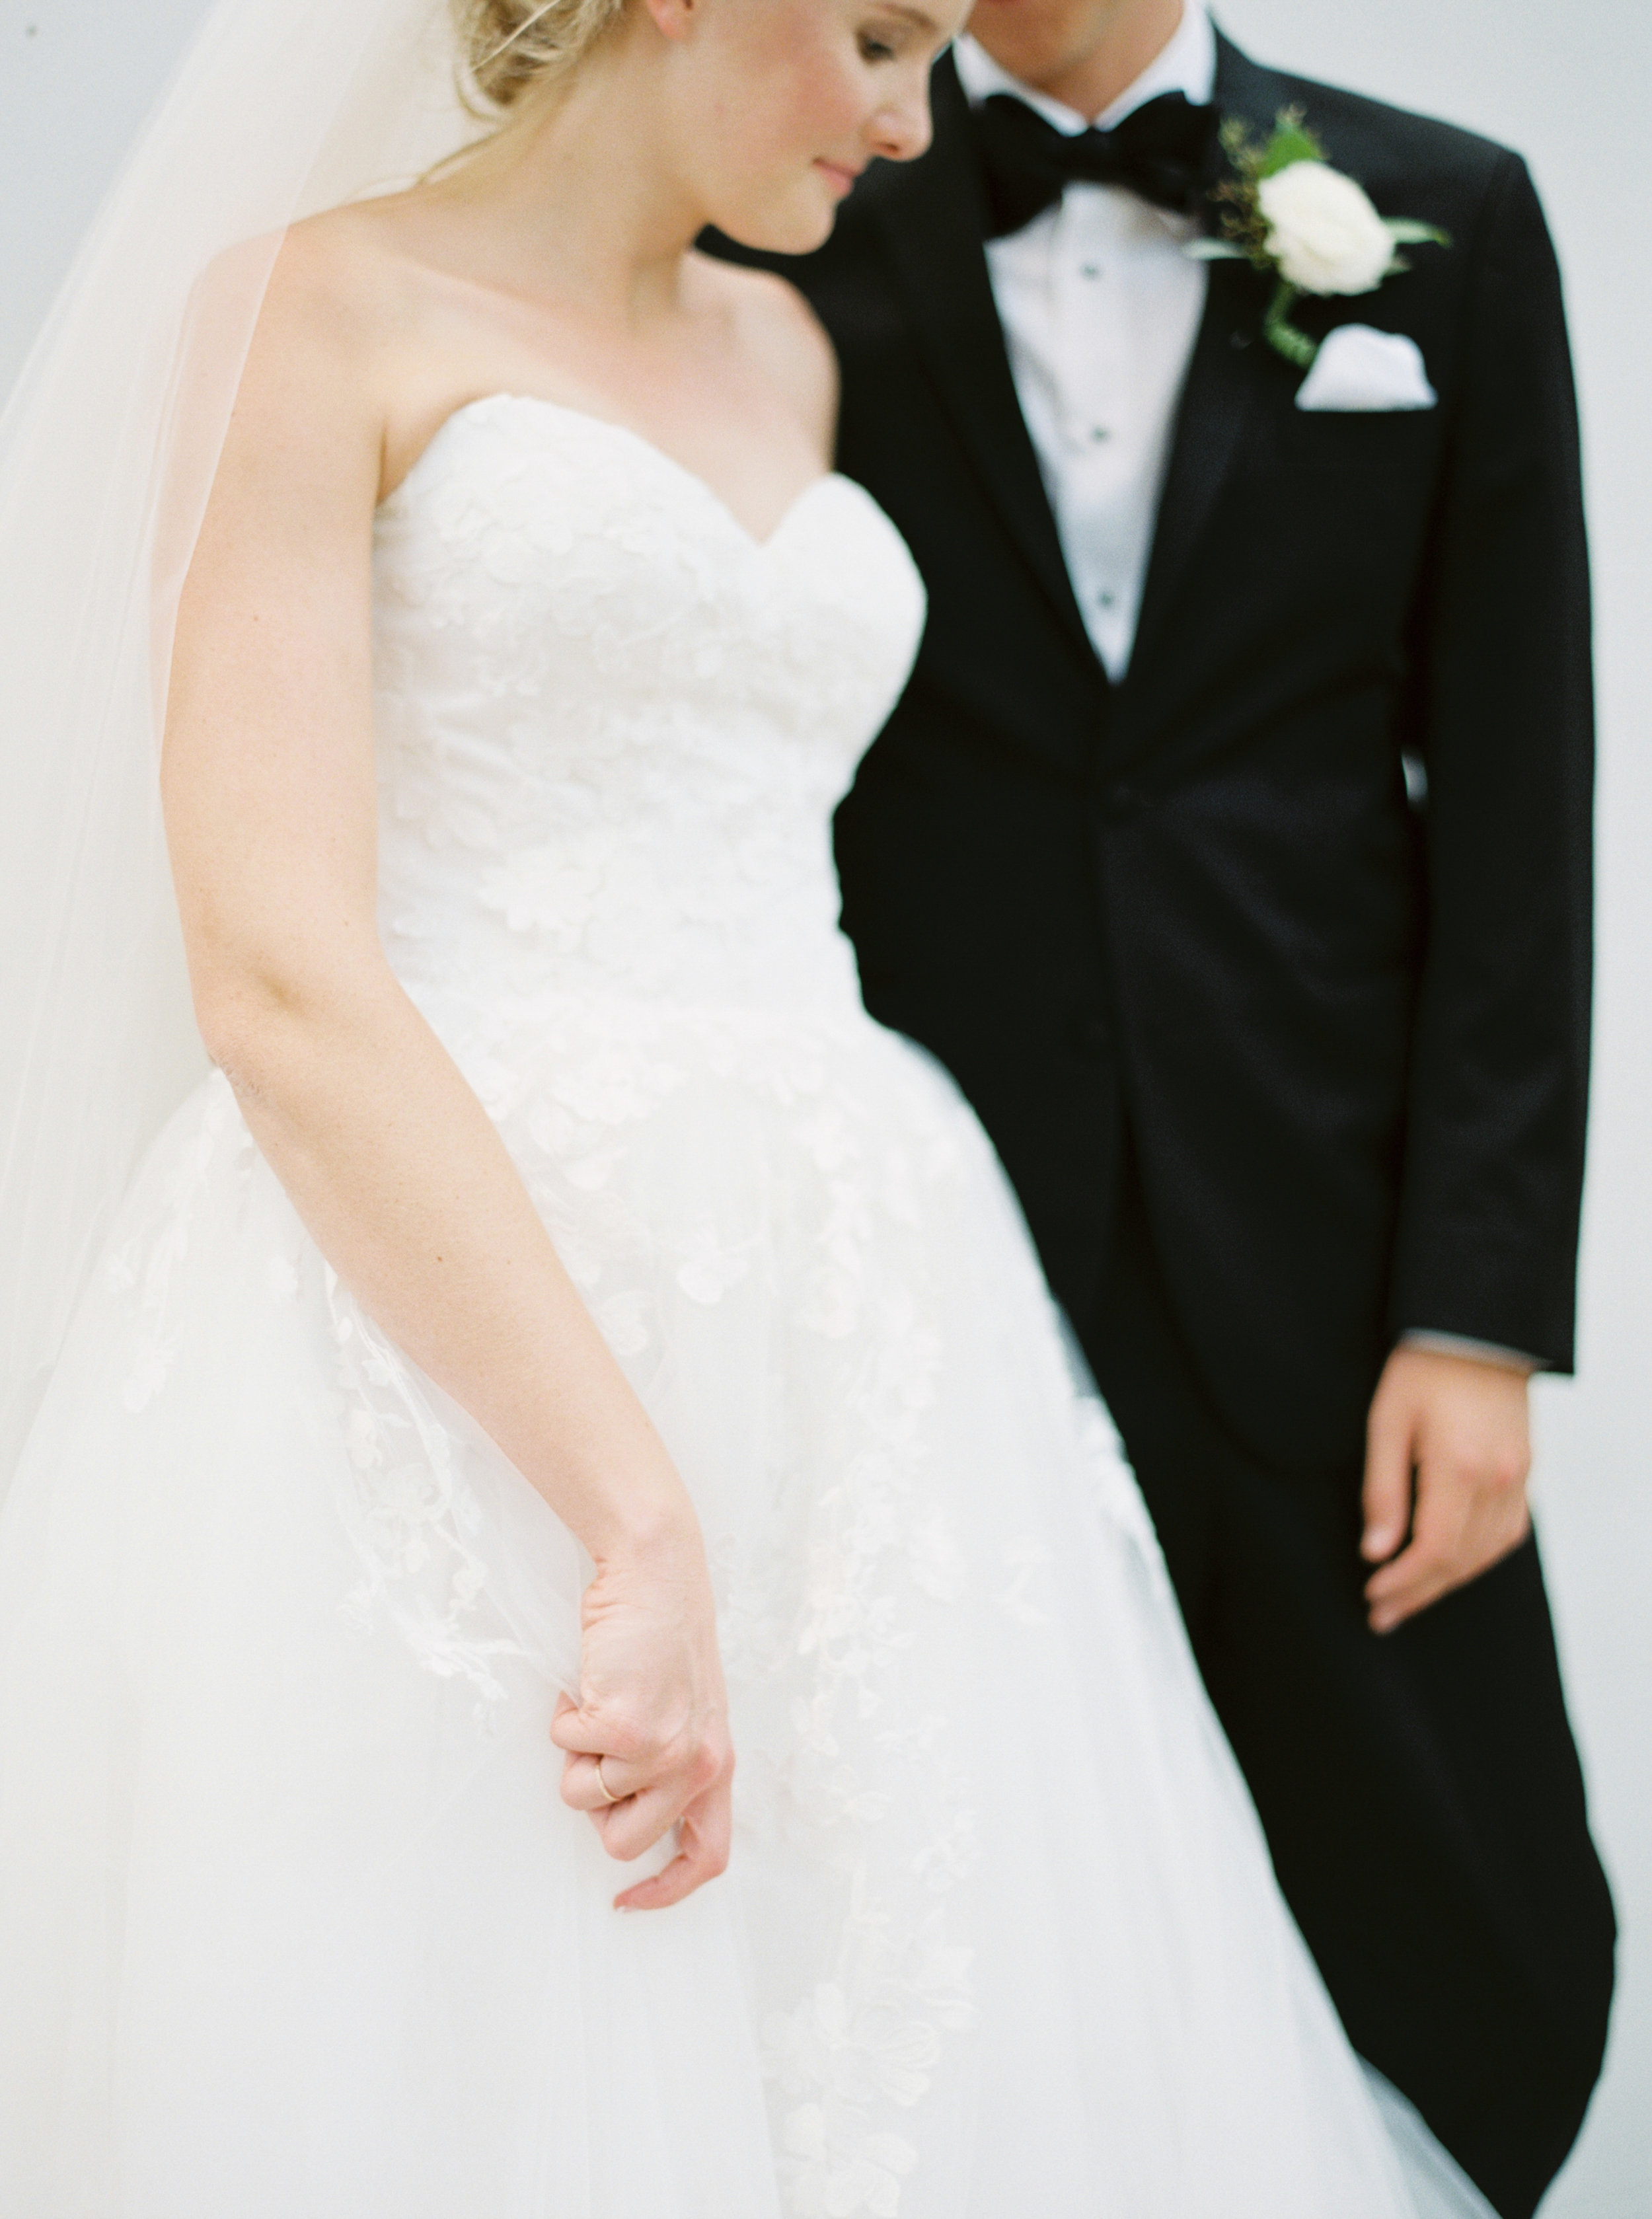 Emily&Fredrik_juliecate-436.jpg